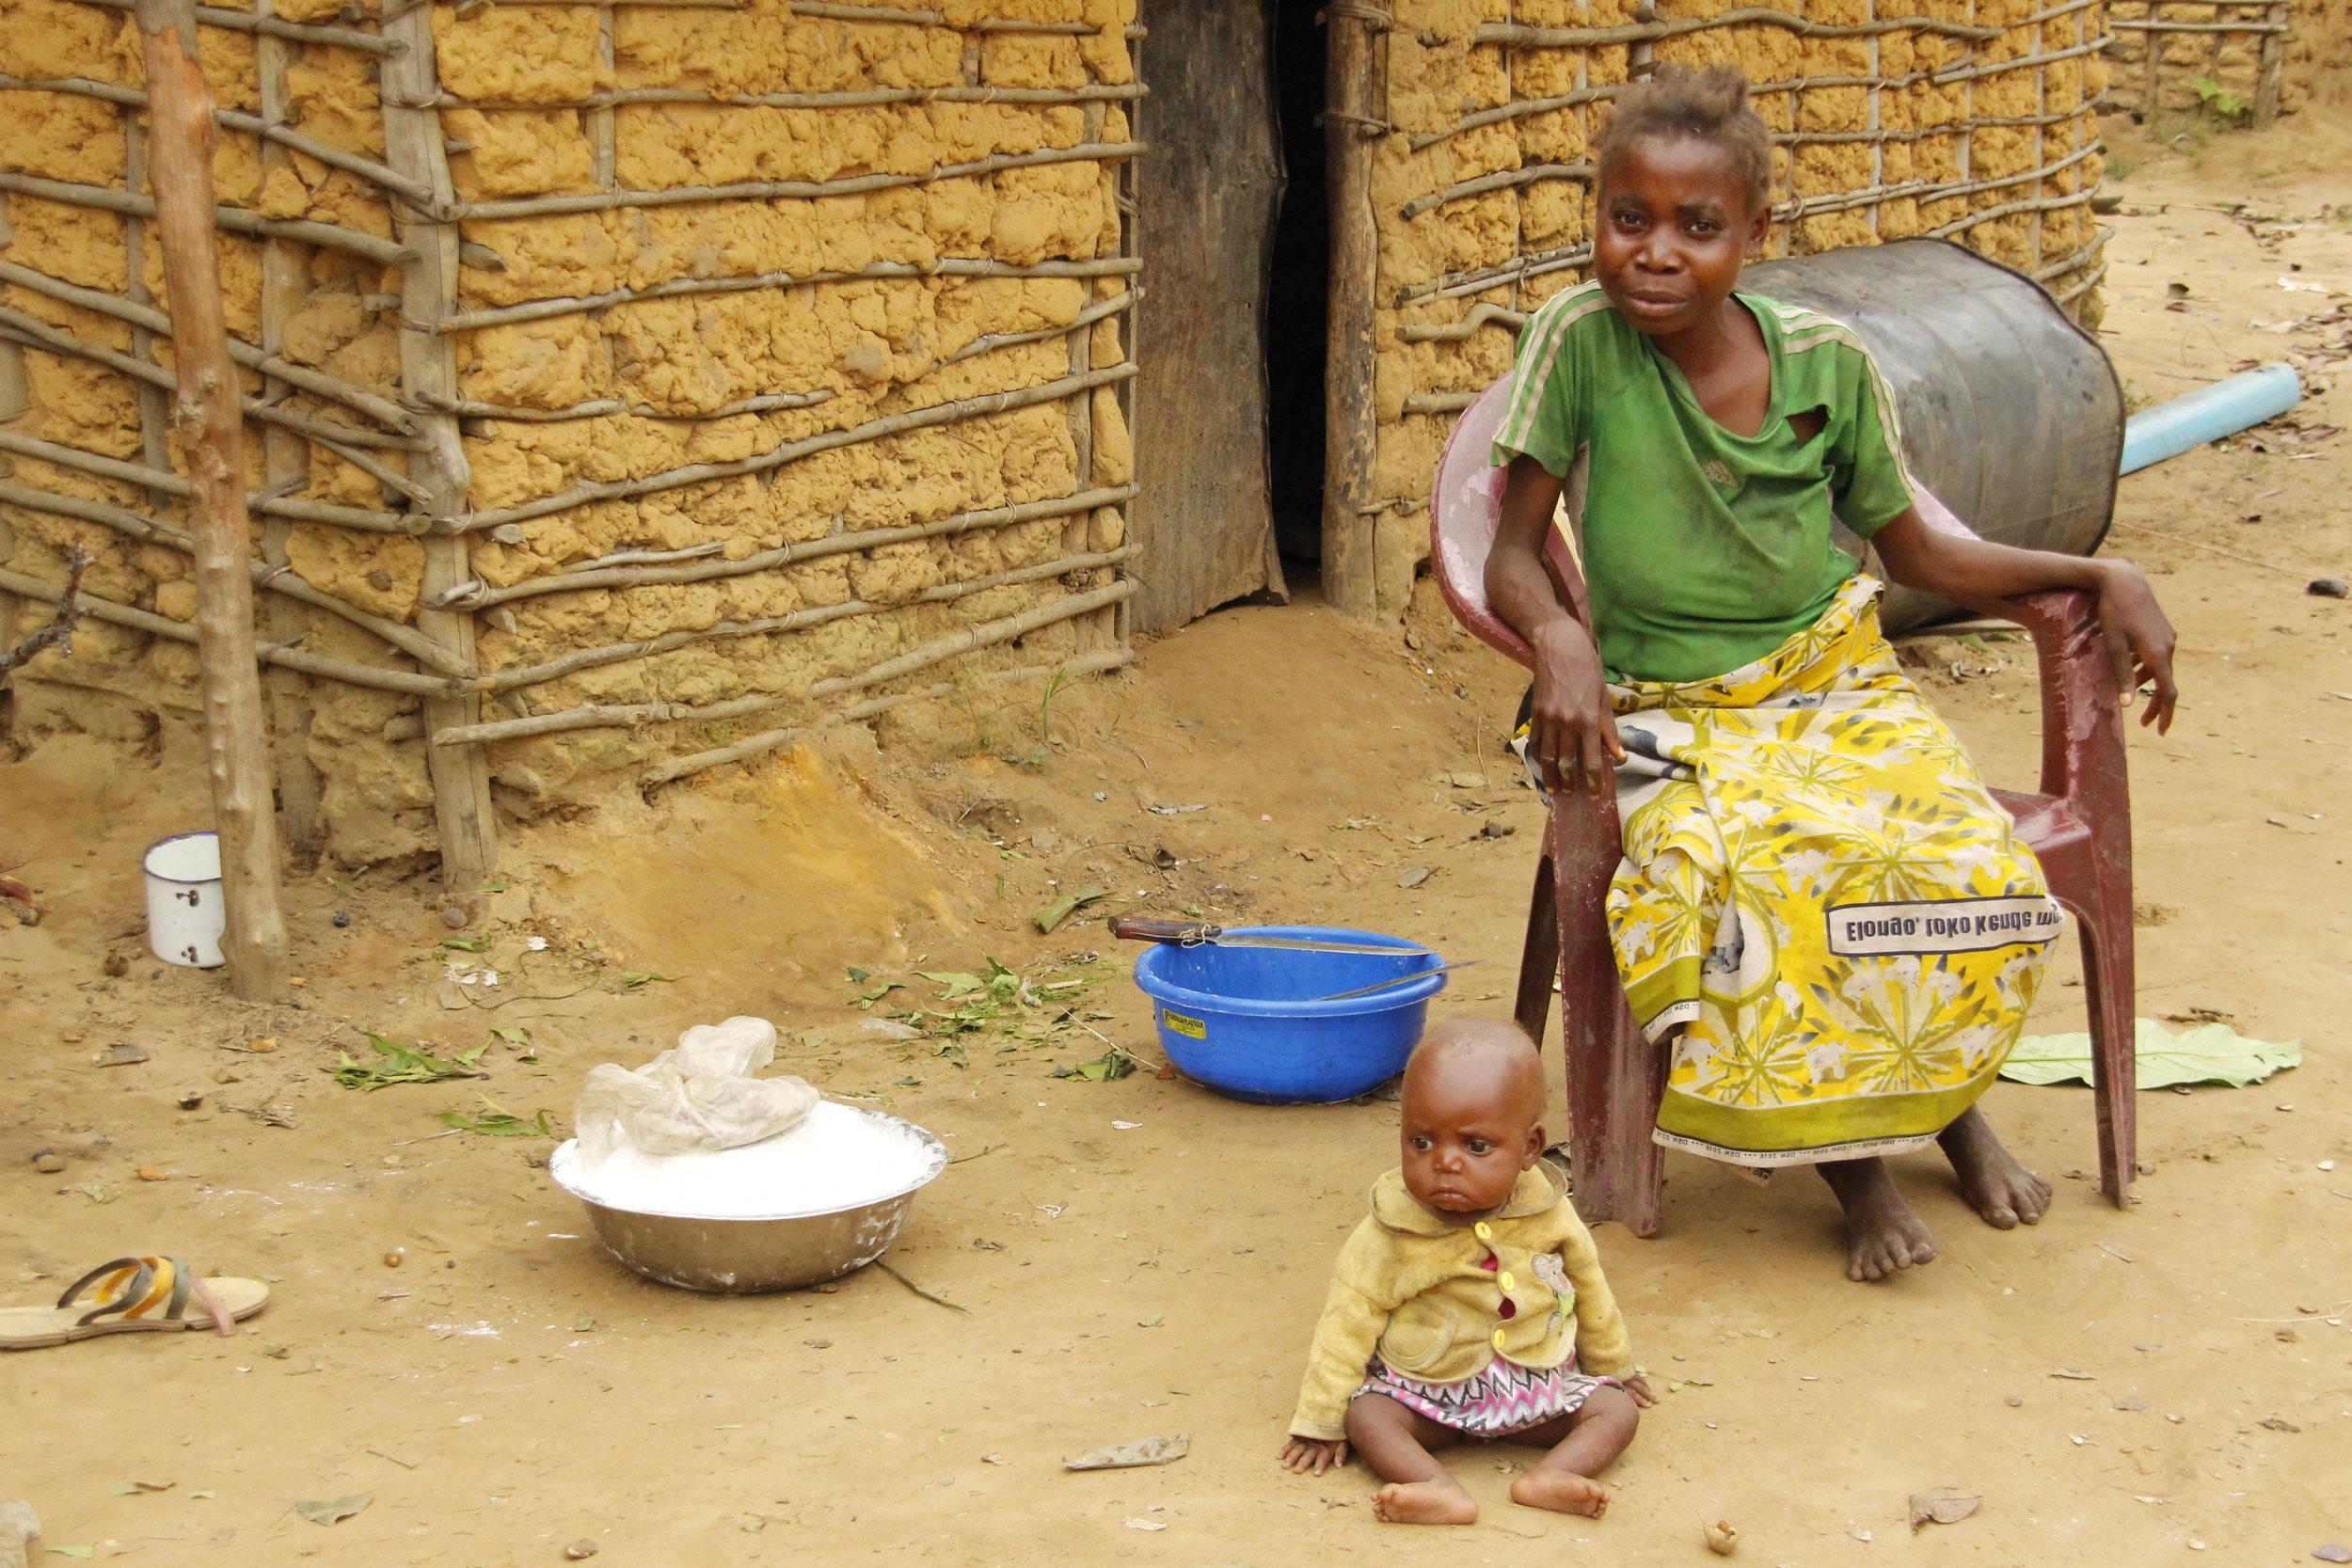 En mor fra urfolket med sin jentebaby. Moren tilhører en generasjon som ikke har fått mulighten til å lære seg å skrive og lese. Med skole og utdanning åpner det seg helt nye muligheter for den lille jentebabyen.